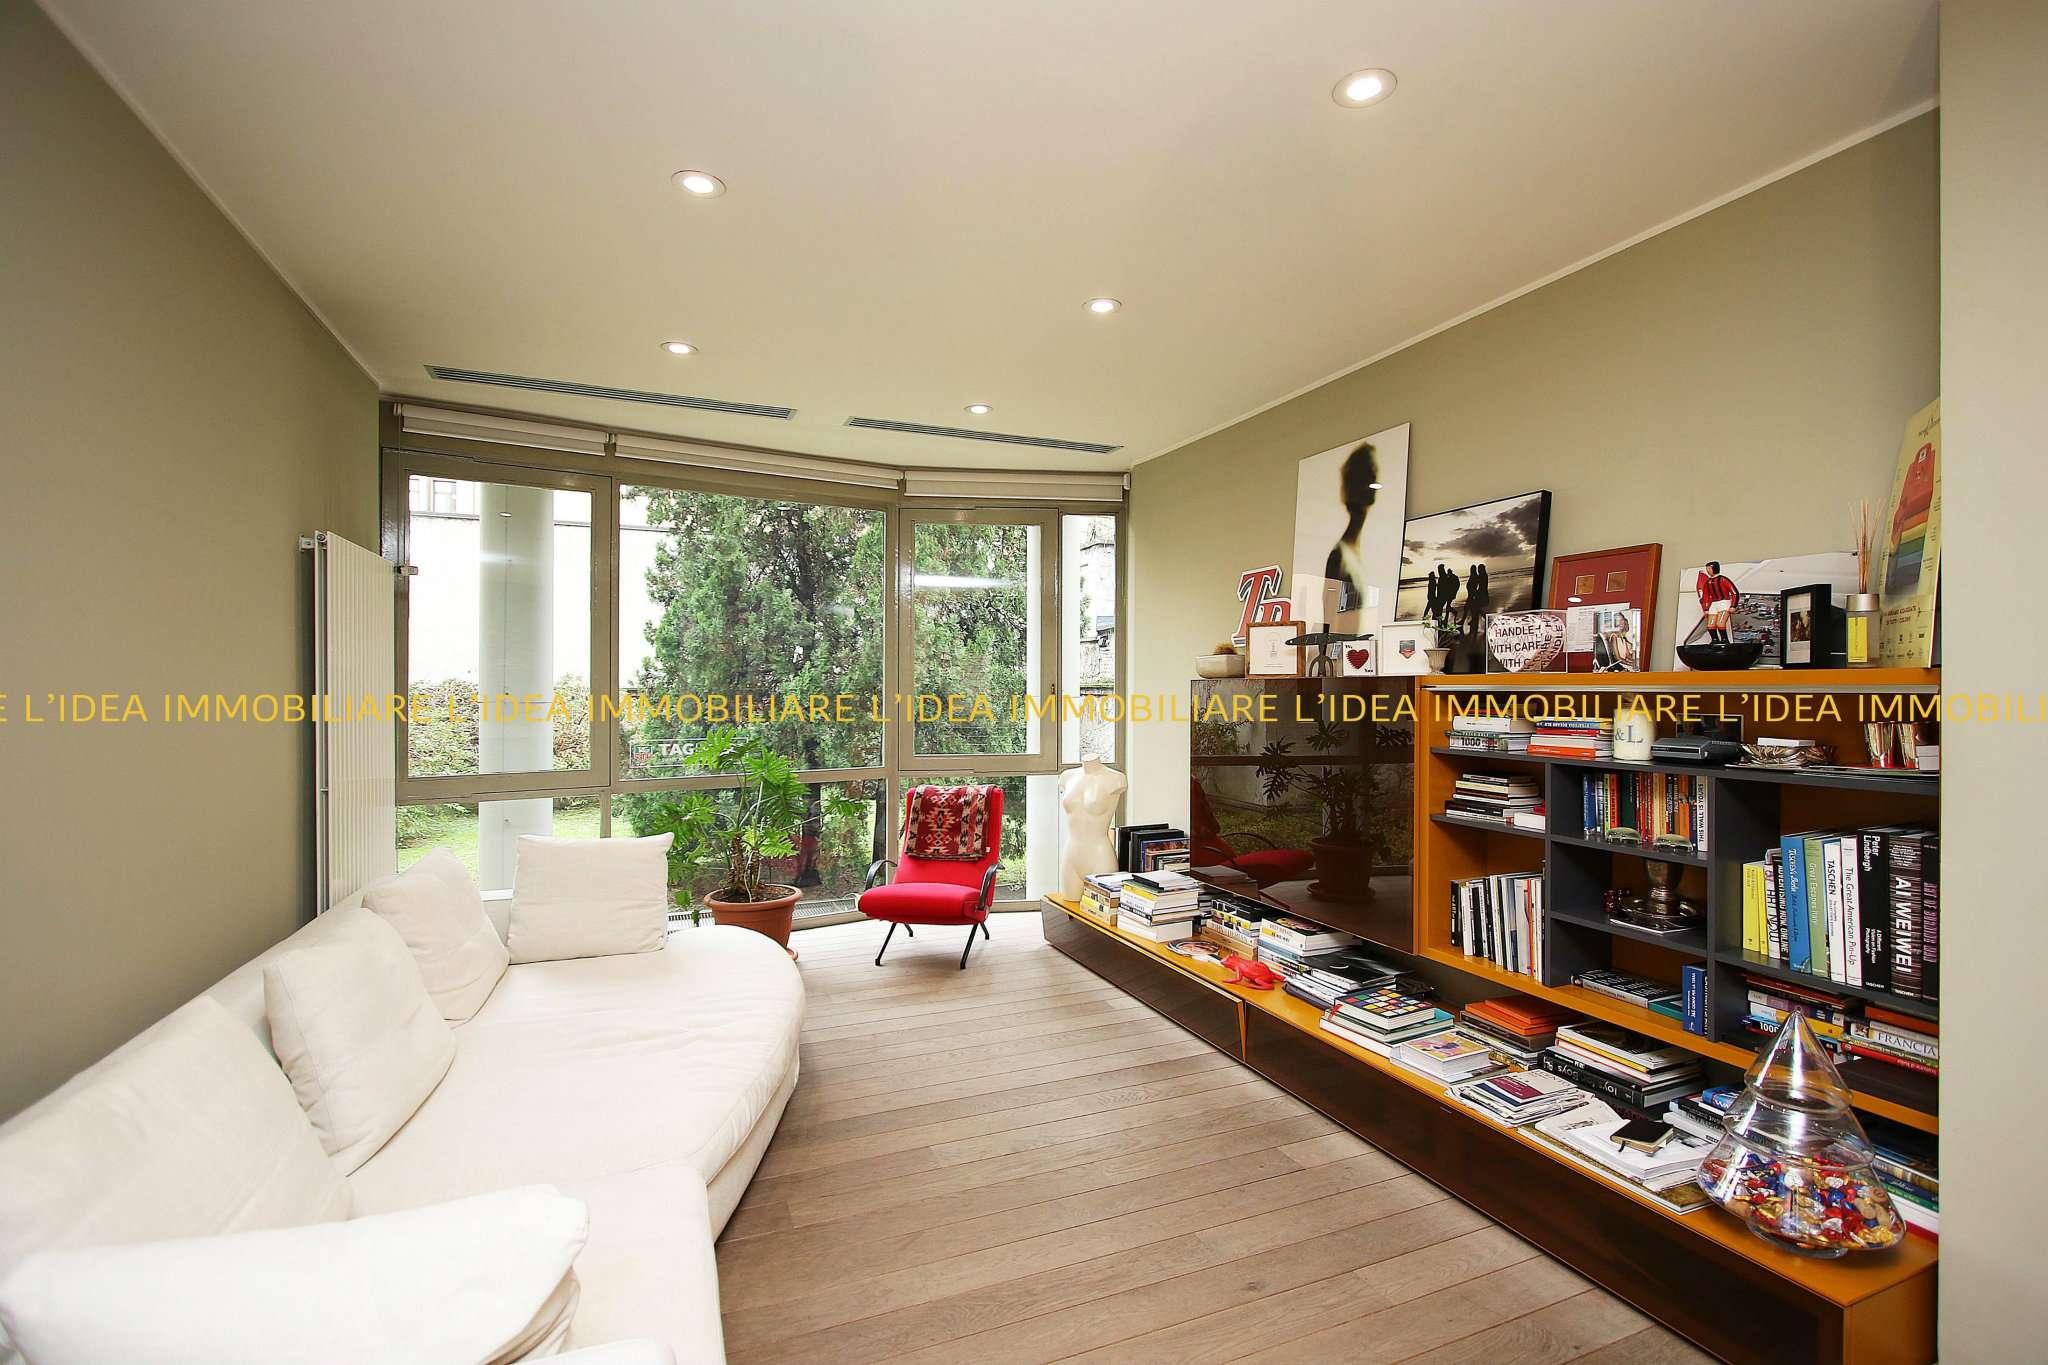 Appartamento in Vendita a Milano 08 Vercelli / Magenta / Cadorna / Washington:  4 locali, 212 mq  - Foto 1